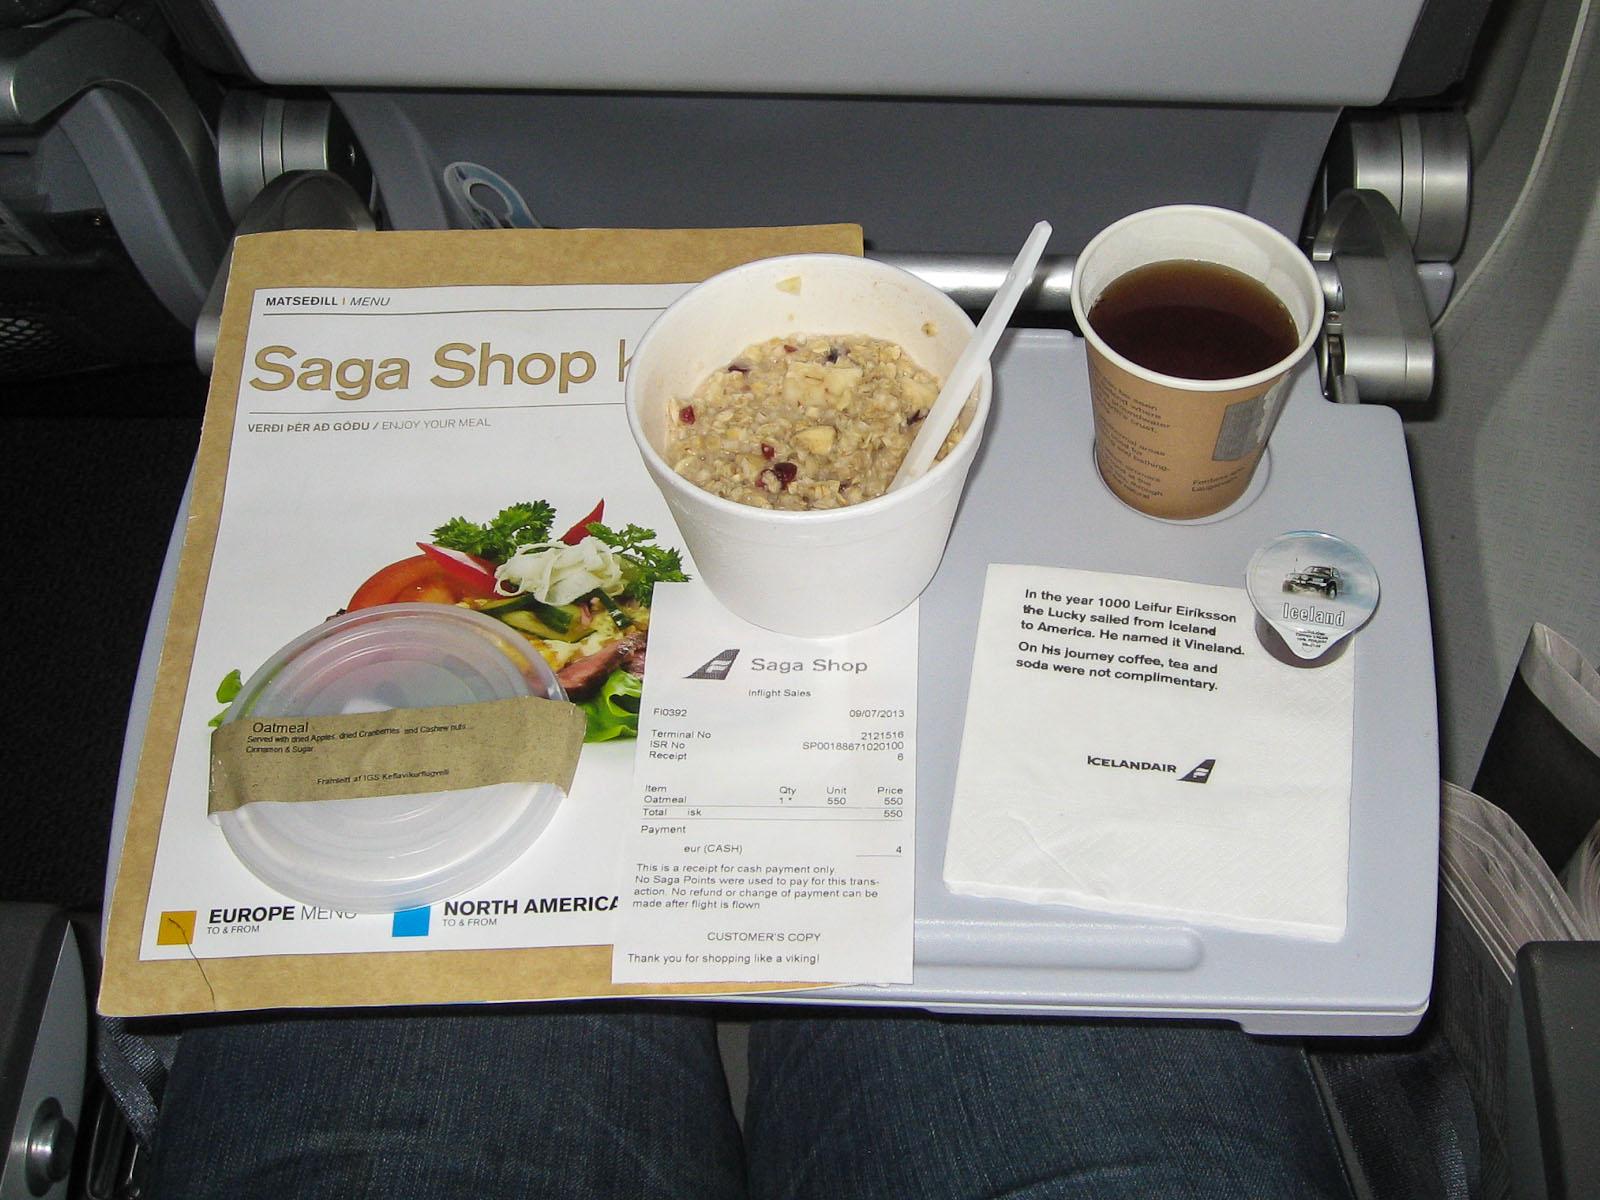 Платное питание (овсяная каша) на рейсе авиакомпании Icelandair